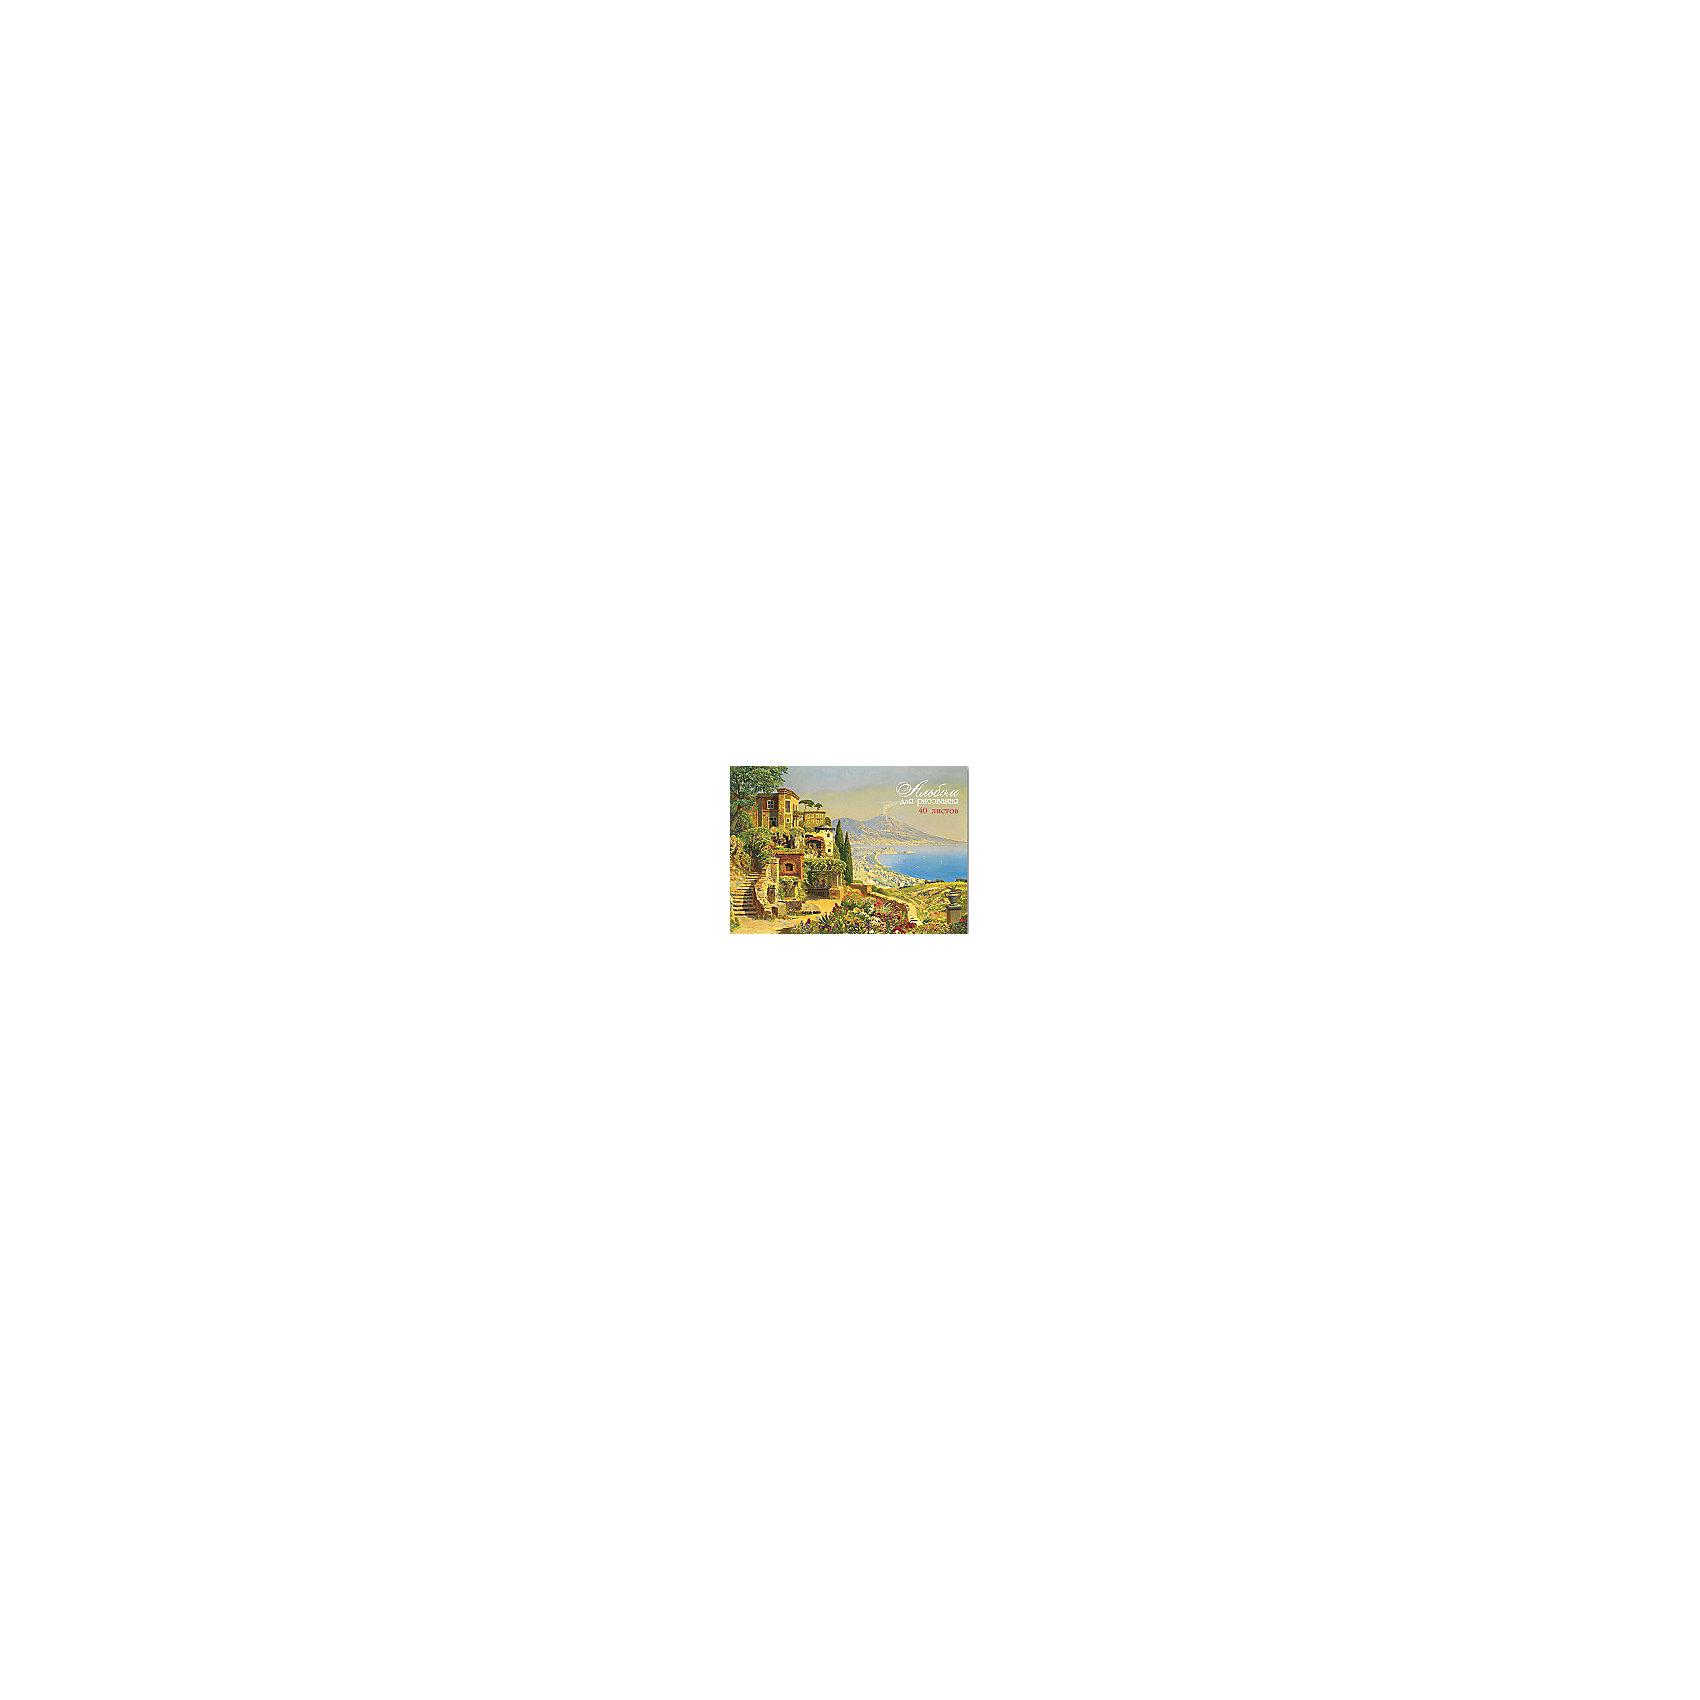 Феникс+ Альбом для рисования Город у моря, 40 л вышивка риолис 731 город у моря